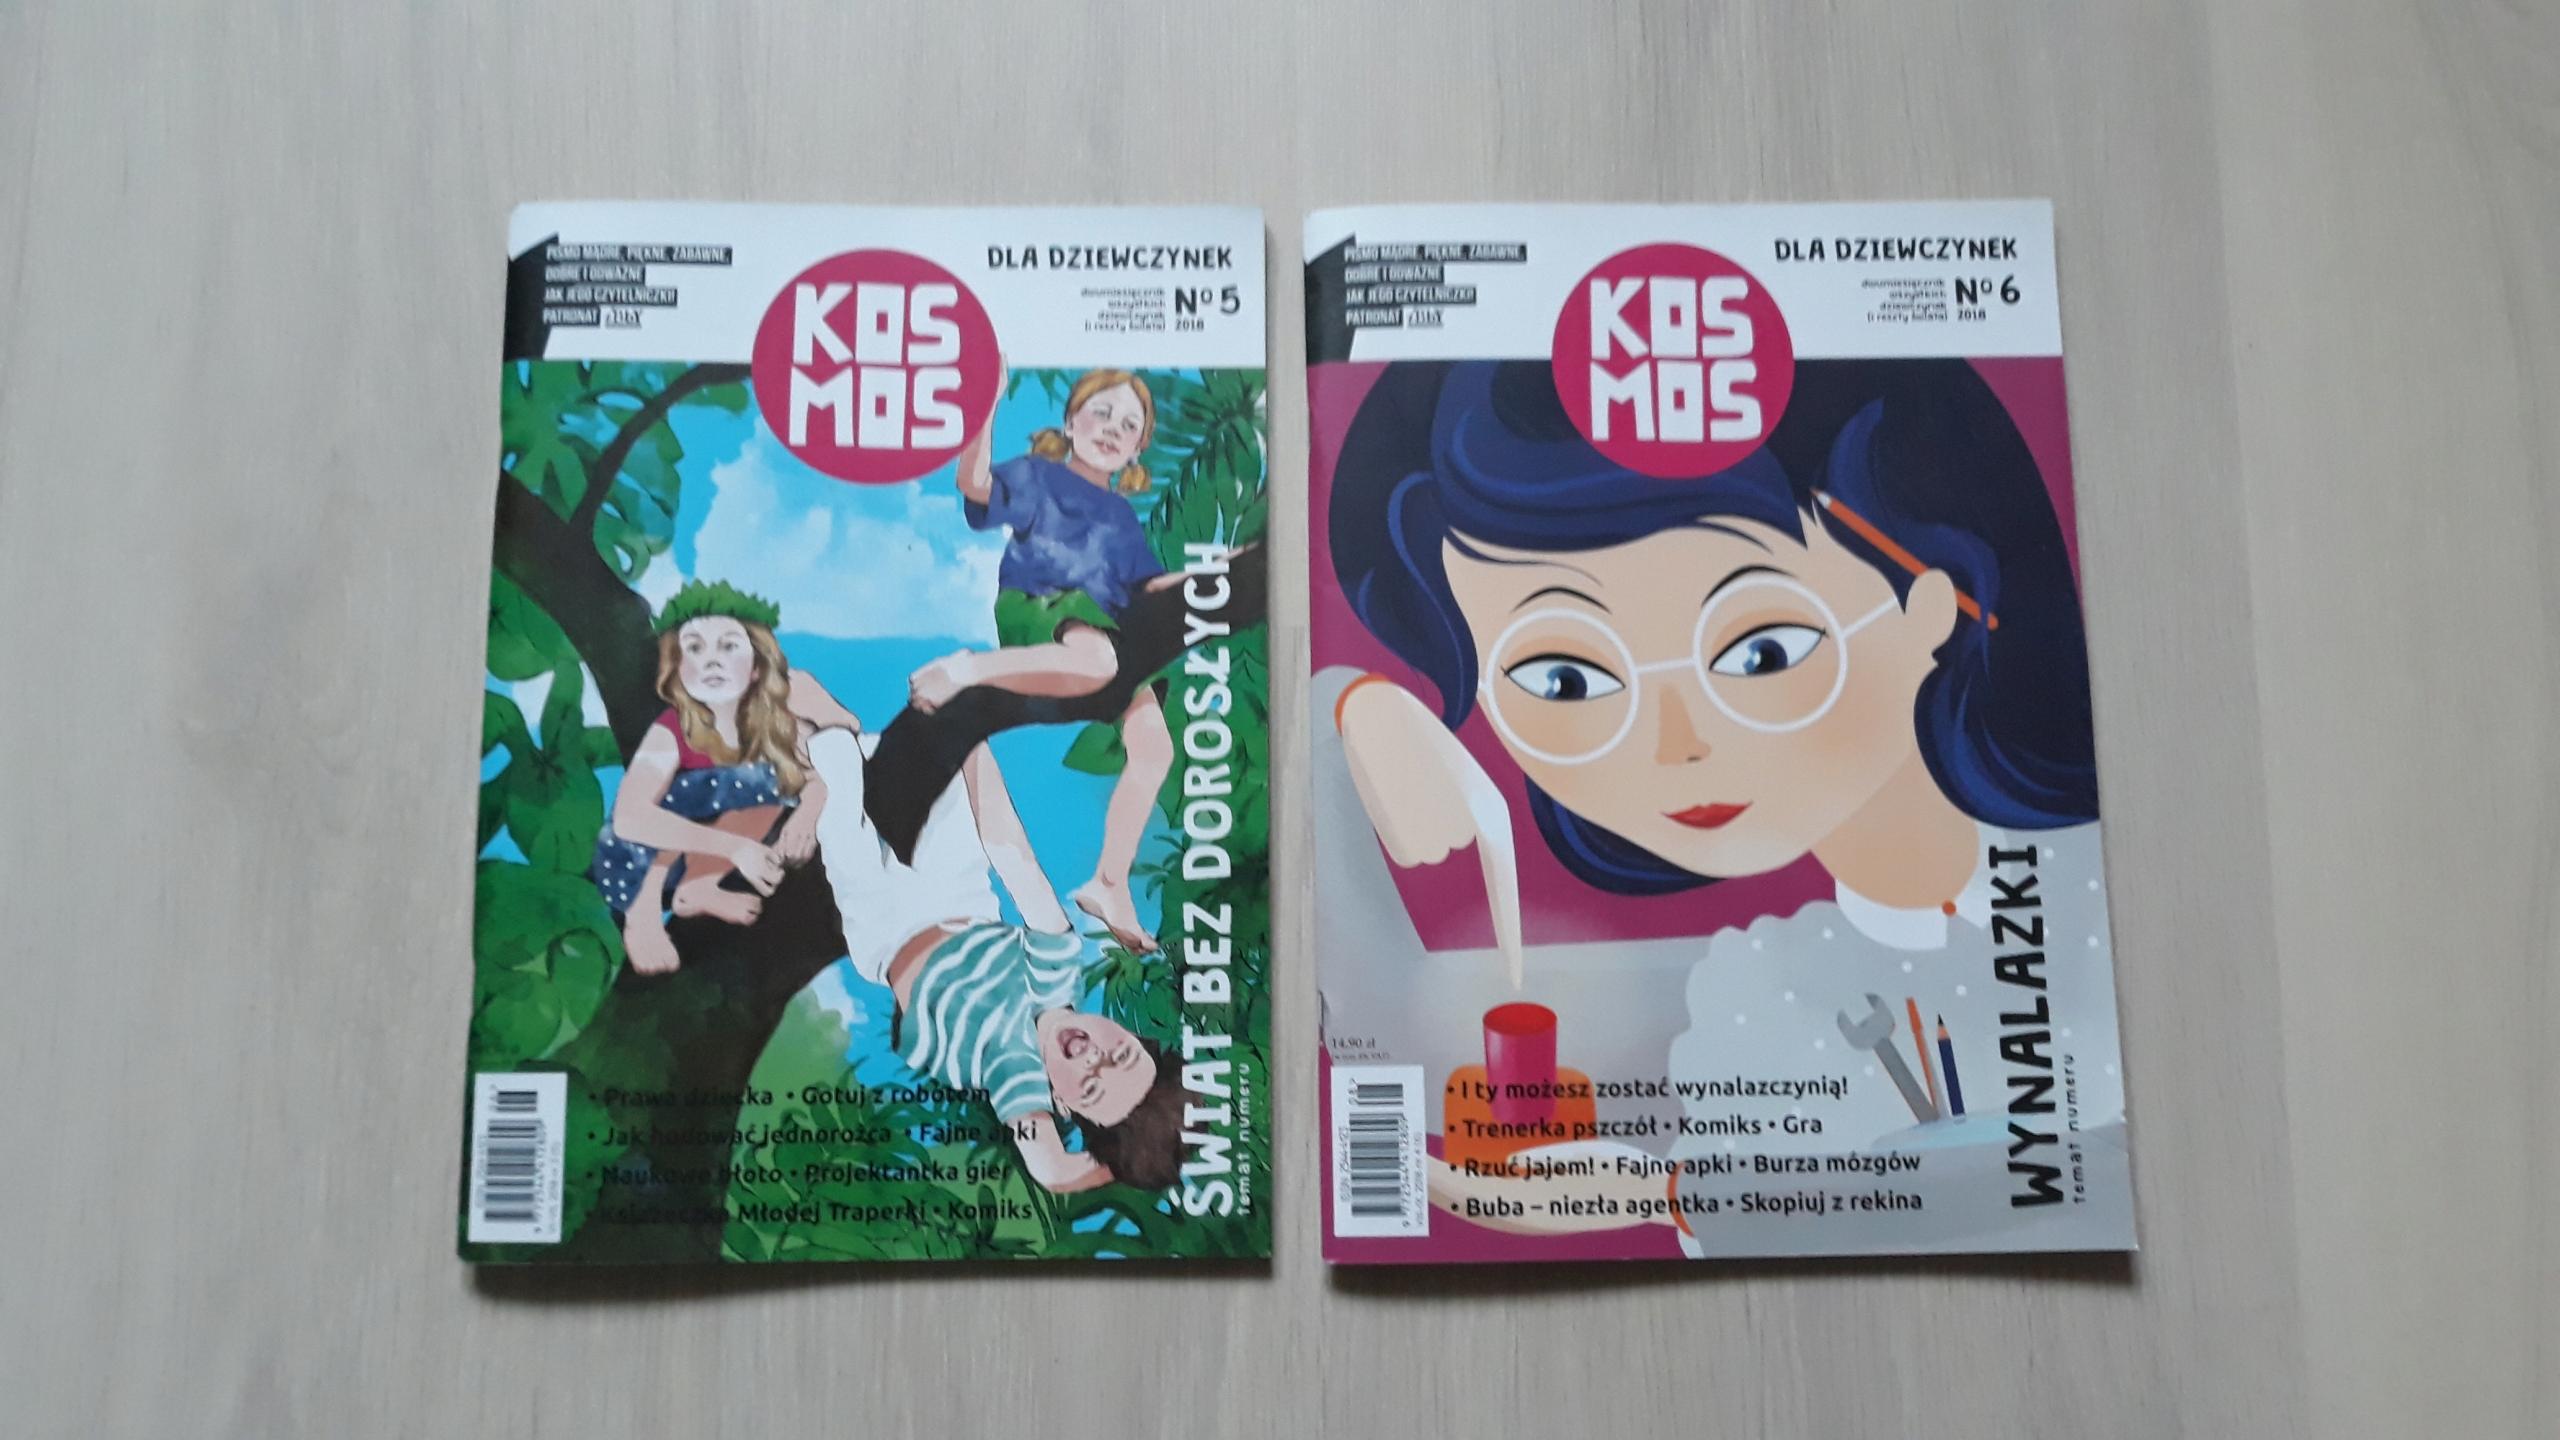 KOSMOS czasopismo dla dziewczynek nr 5 i 6, 2018